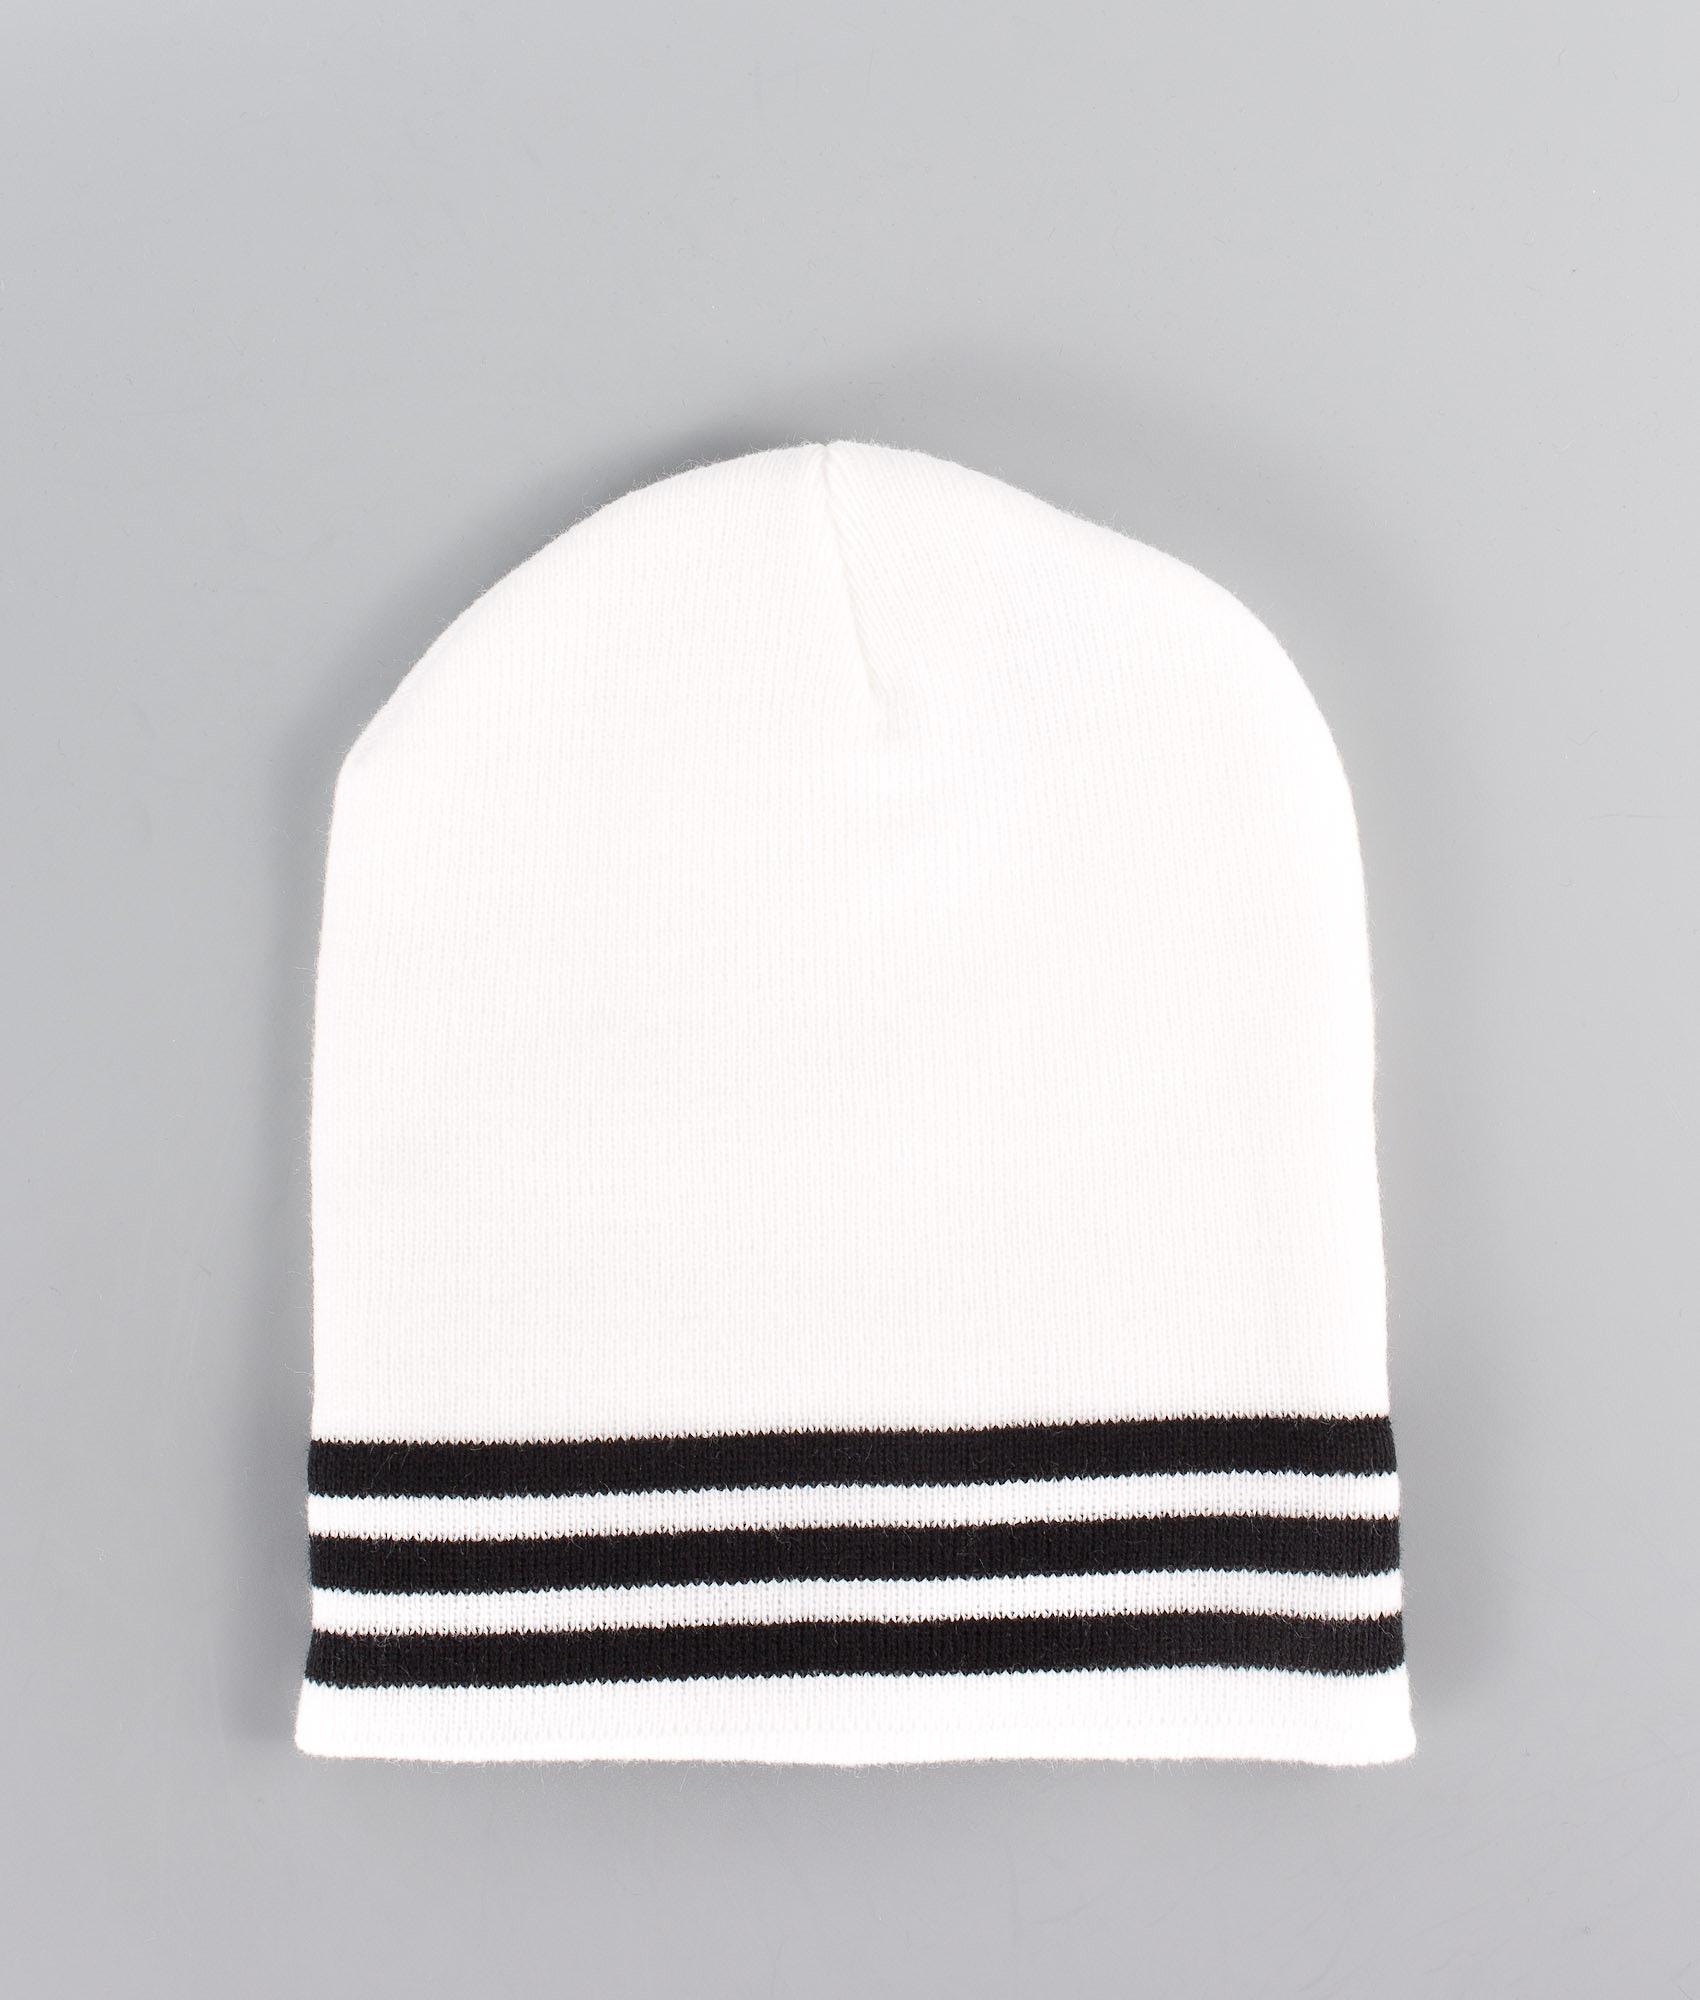 e0884790 Adidas Originals Logo Beanie White/Black - Ridestore.com